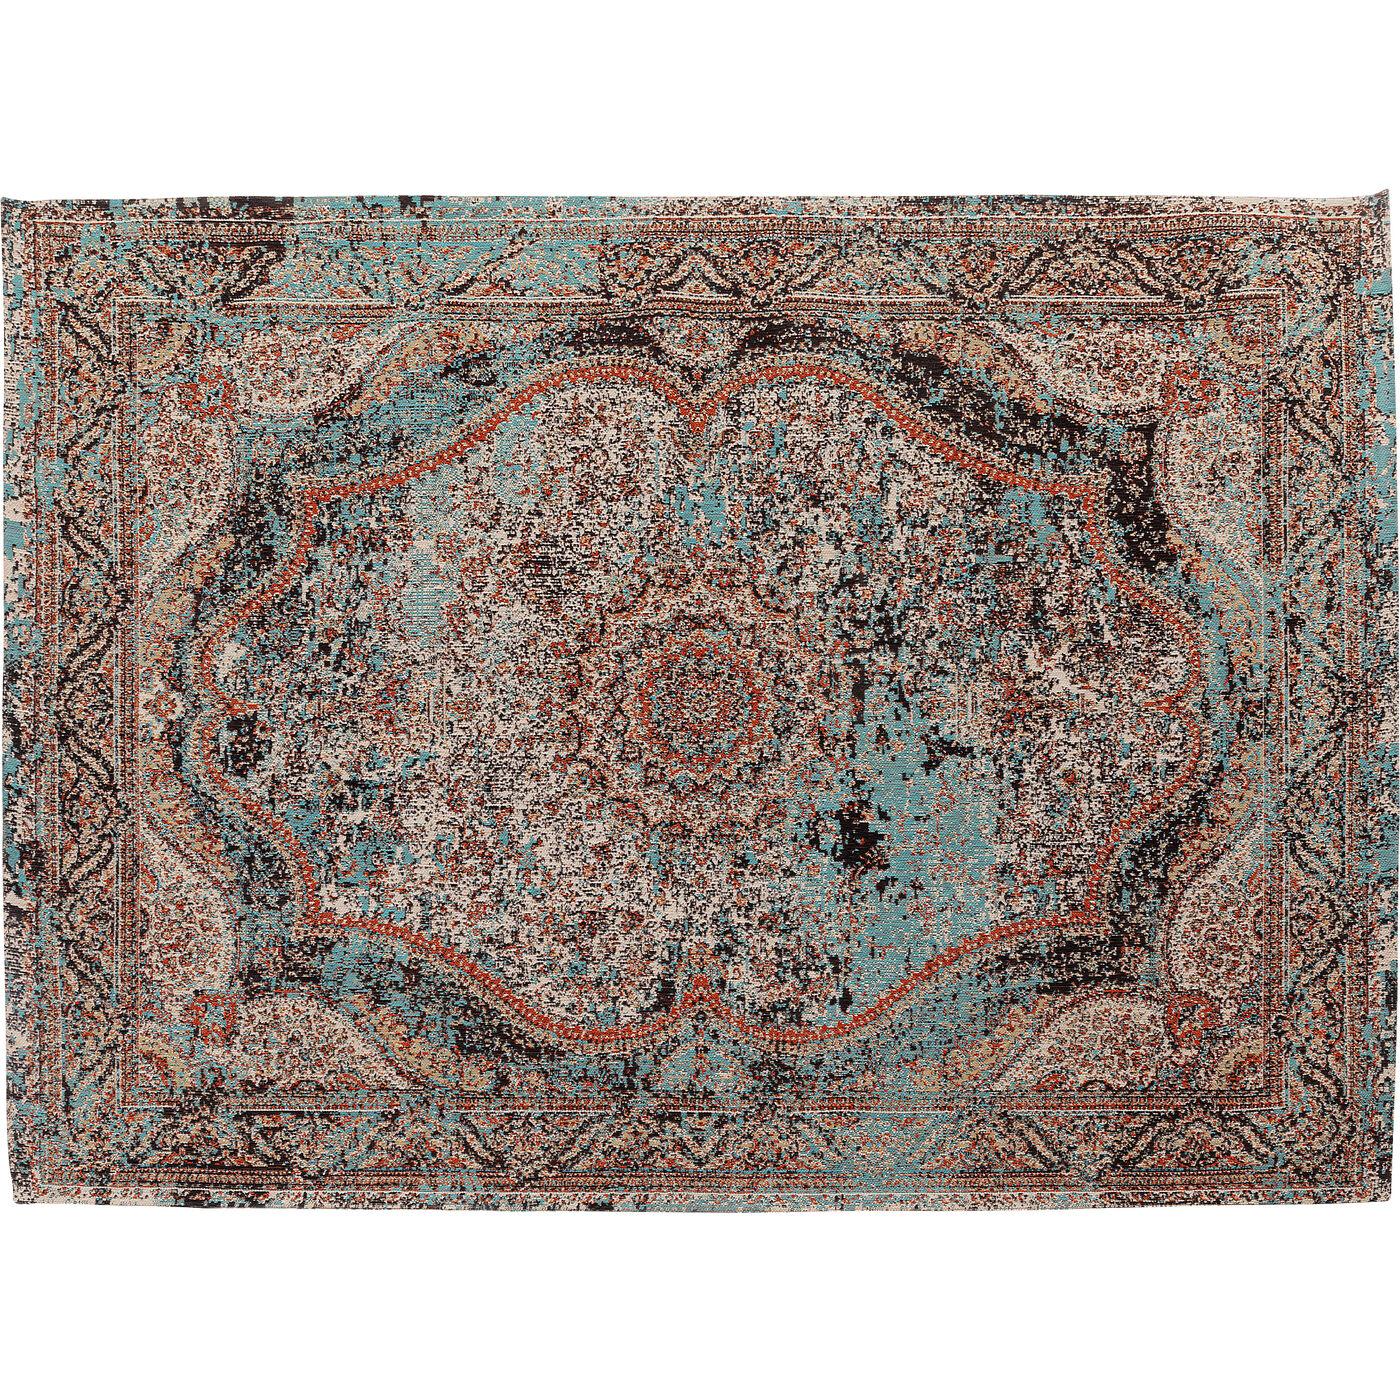 Teppich Asilah 240x170